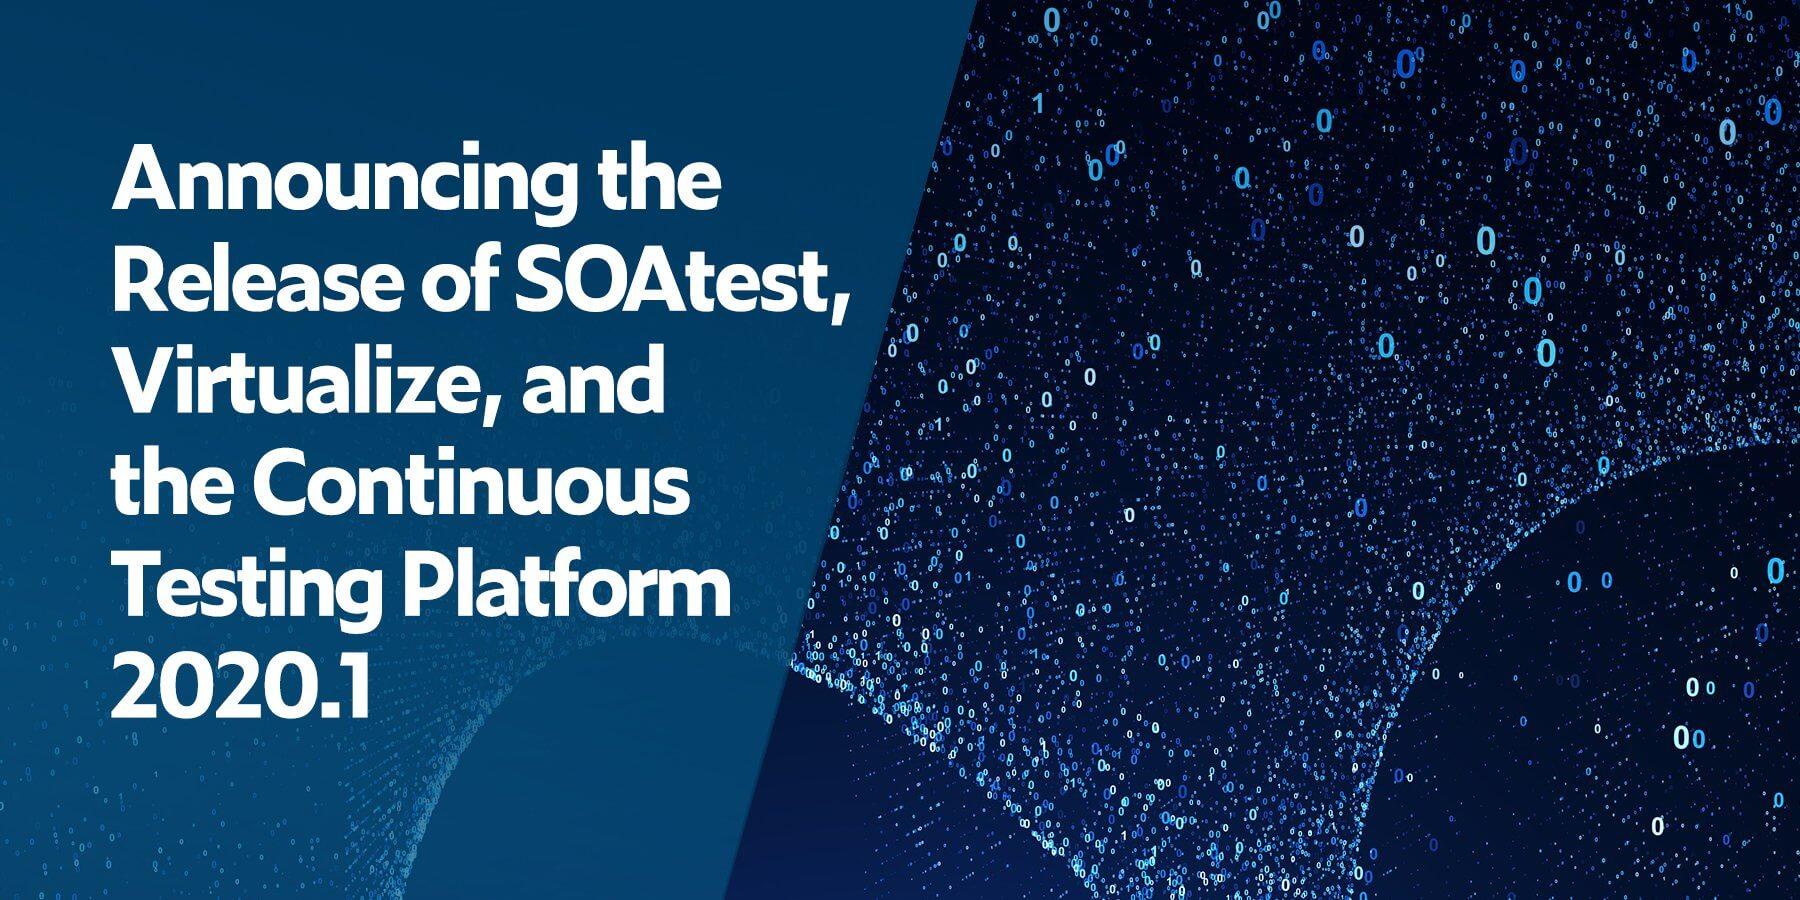 Anuncio del lanzamiento 2020.1 de SOAtest, Virtualize y la plataforma de prueba continua